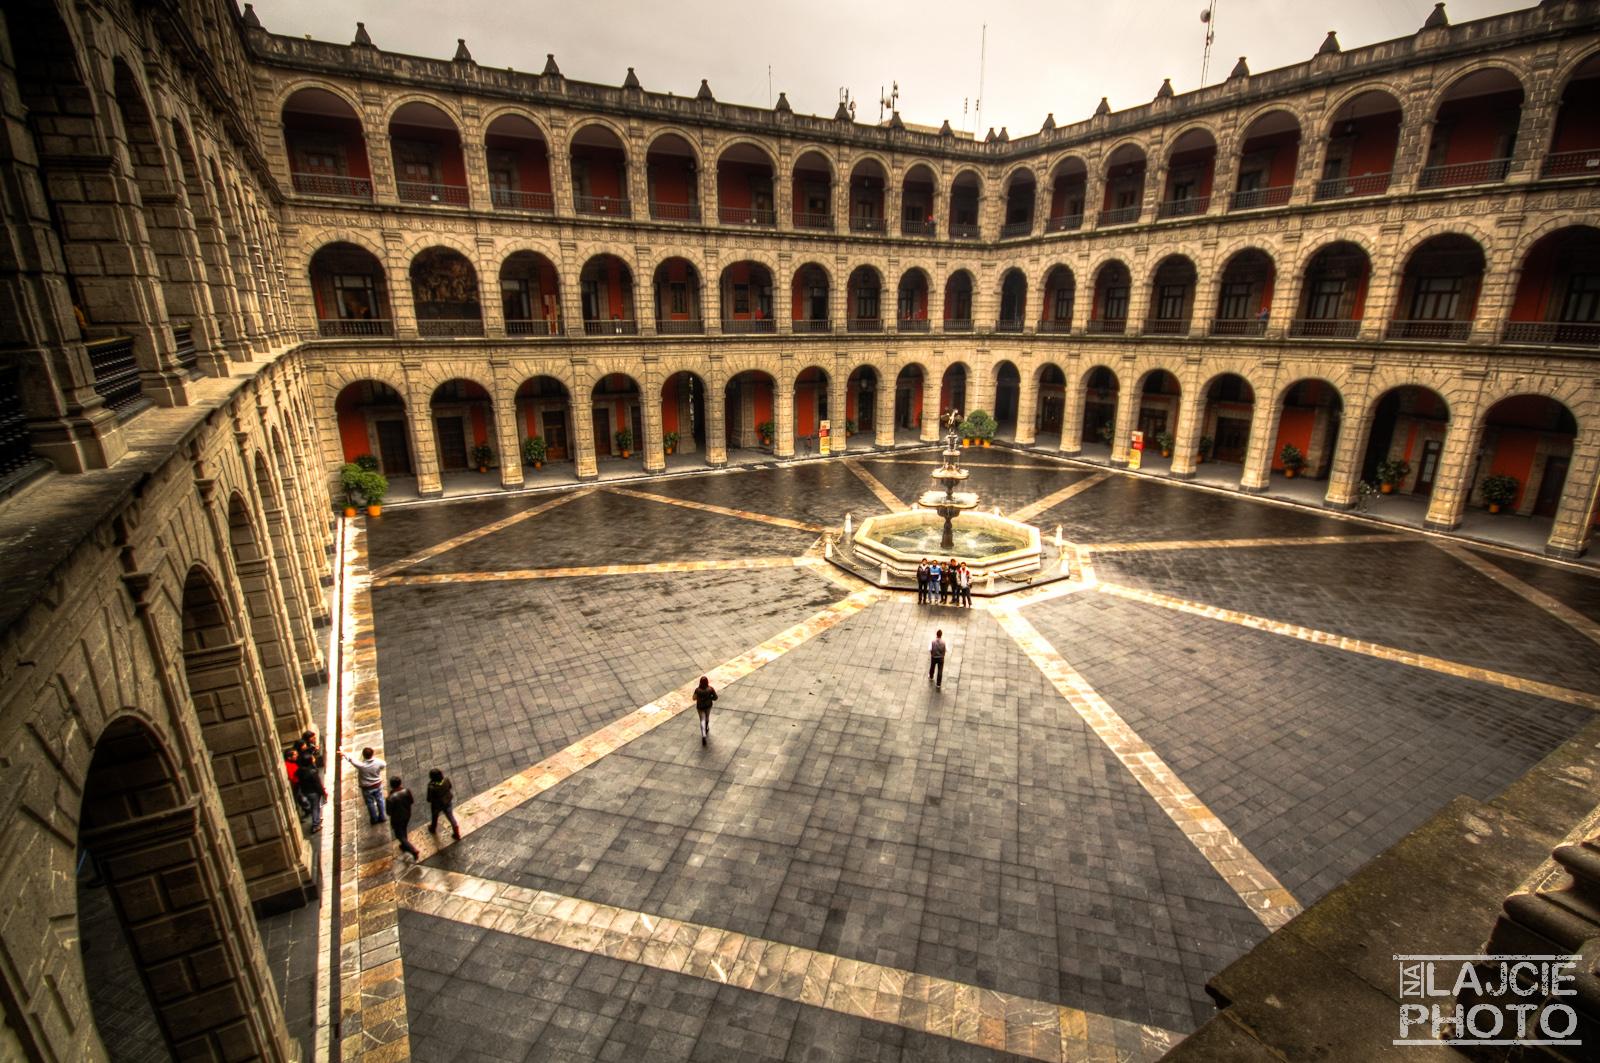 Palacio Nacional, Mexico